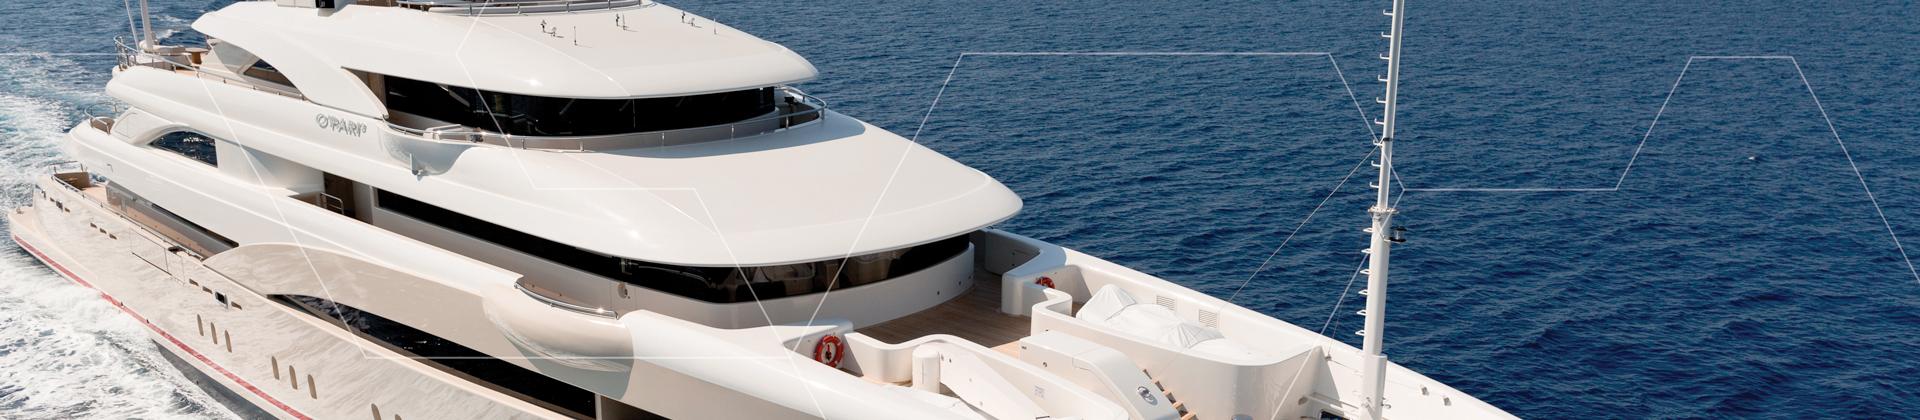 E&A_yacht_1920-x-420_v5